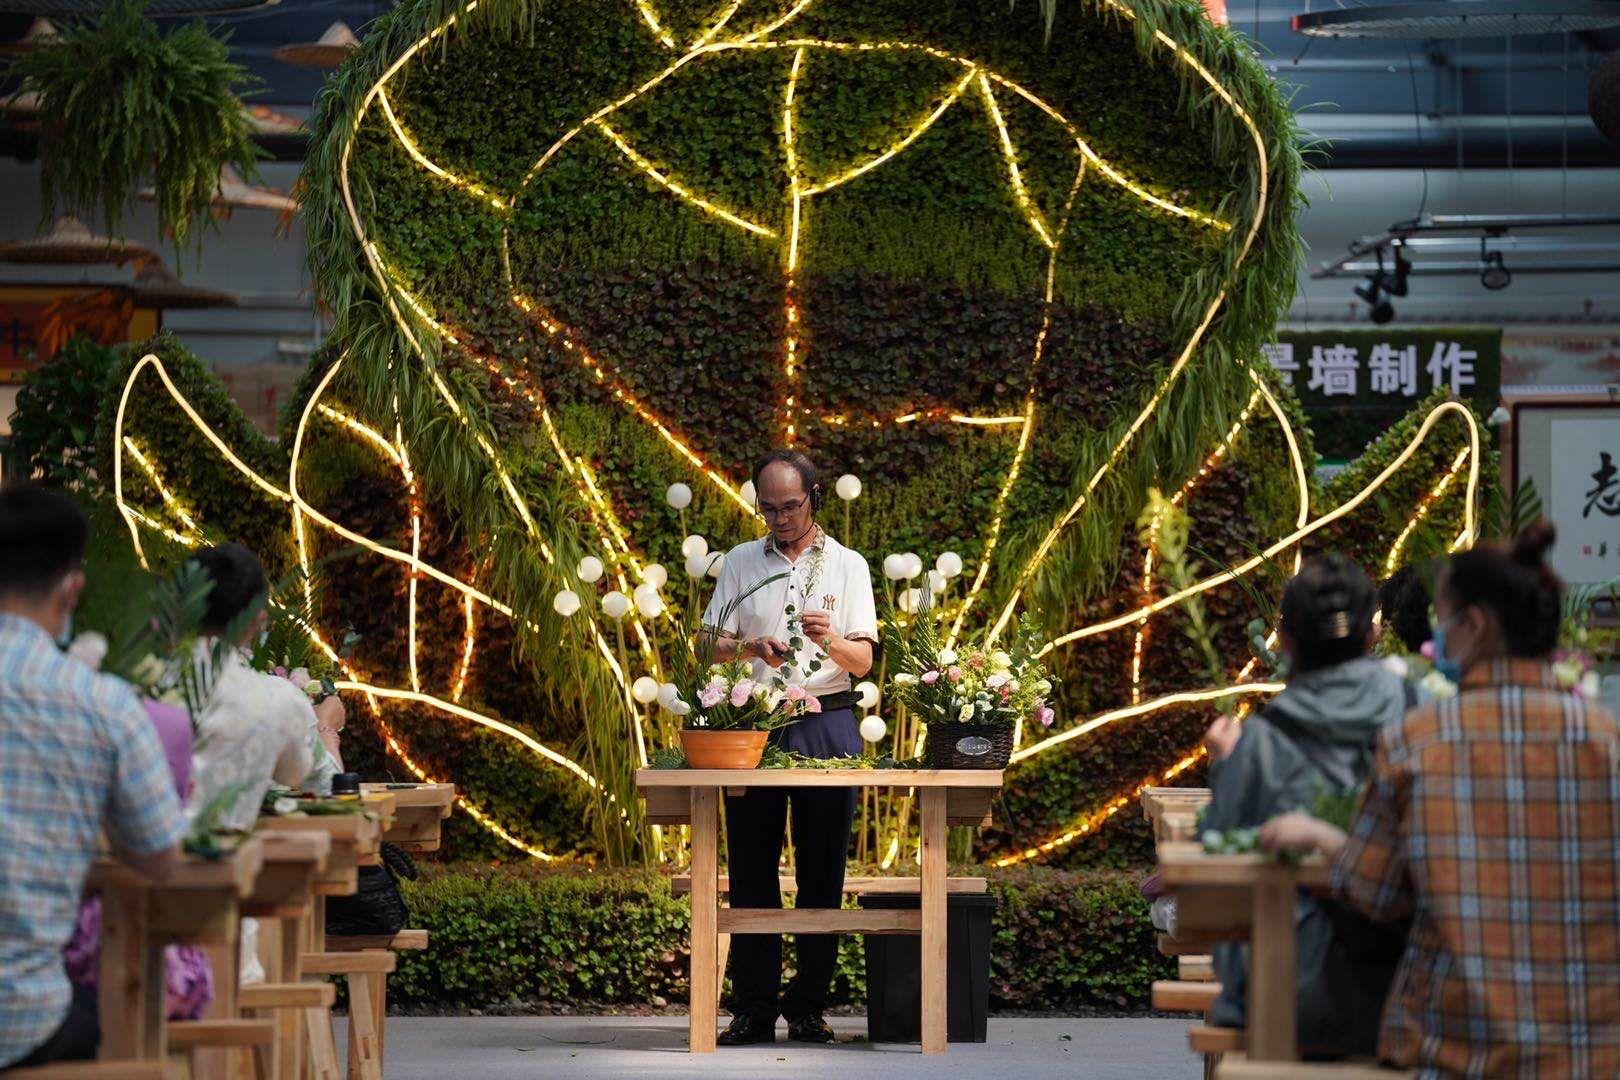 在花乡,花艺爱好者体验现代家居插花课程,激发花卉消费潜力。摄影/新京报记者 陶冉